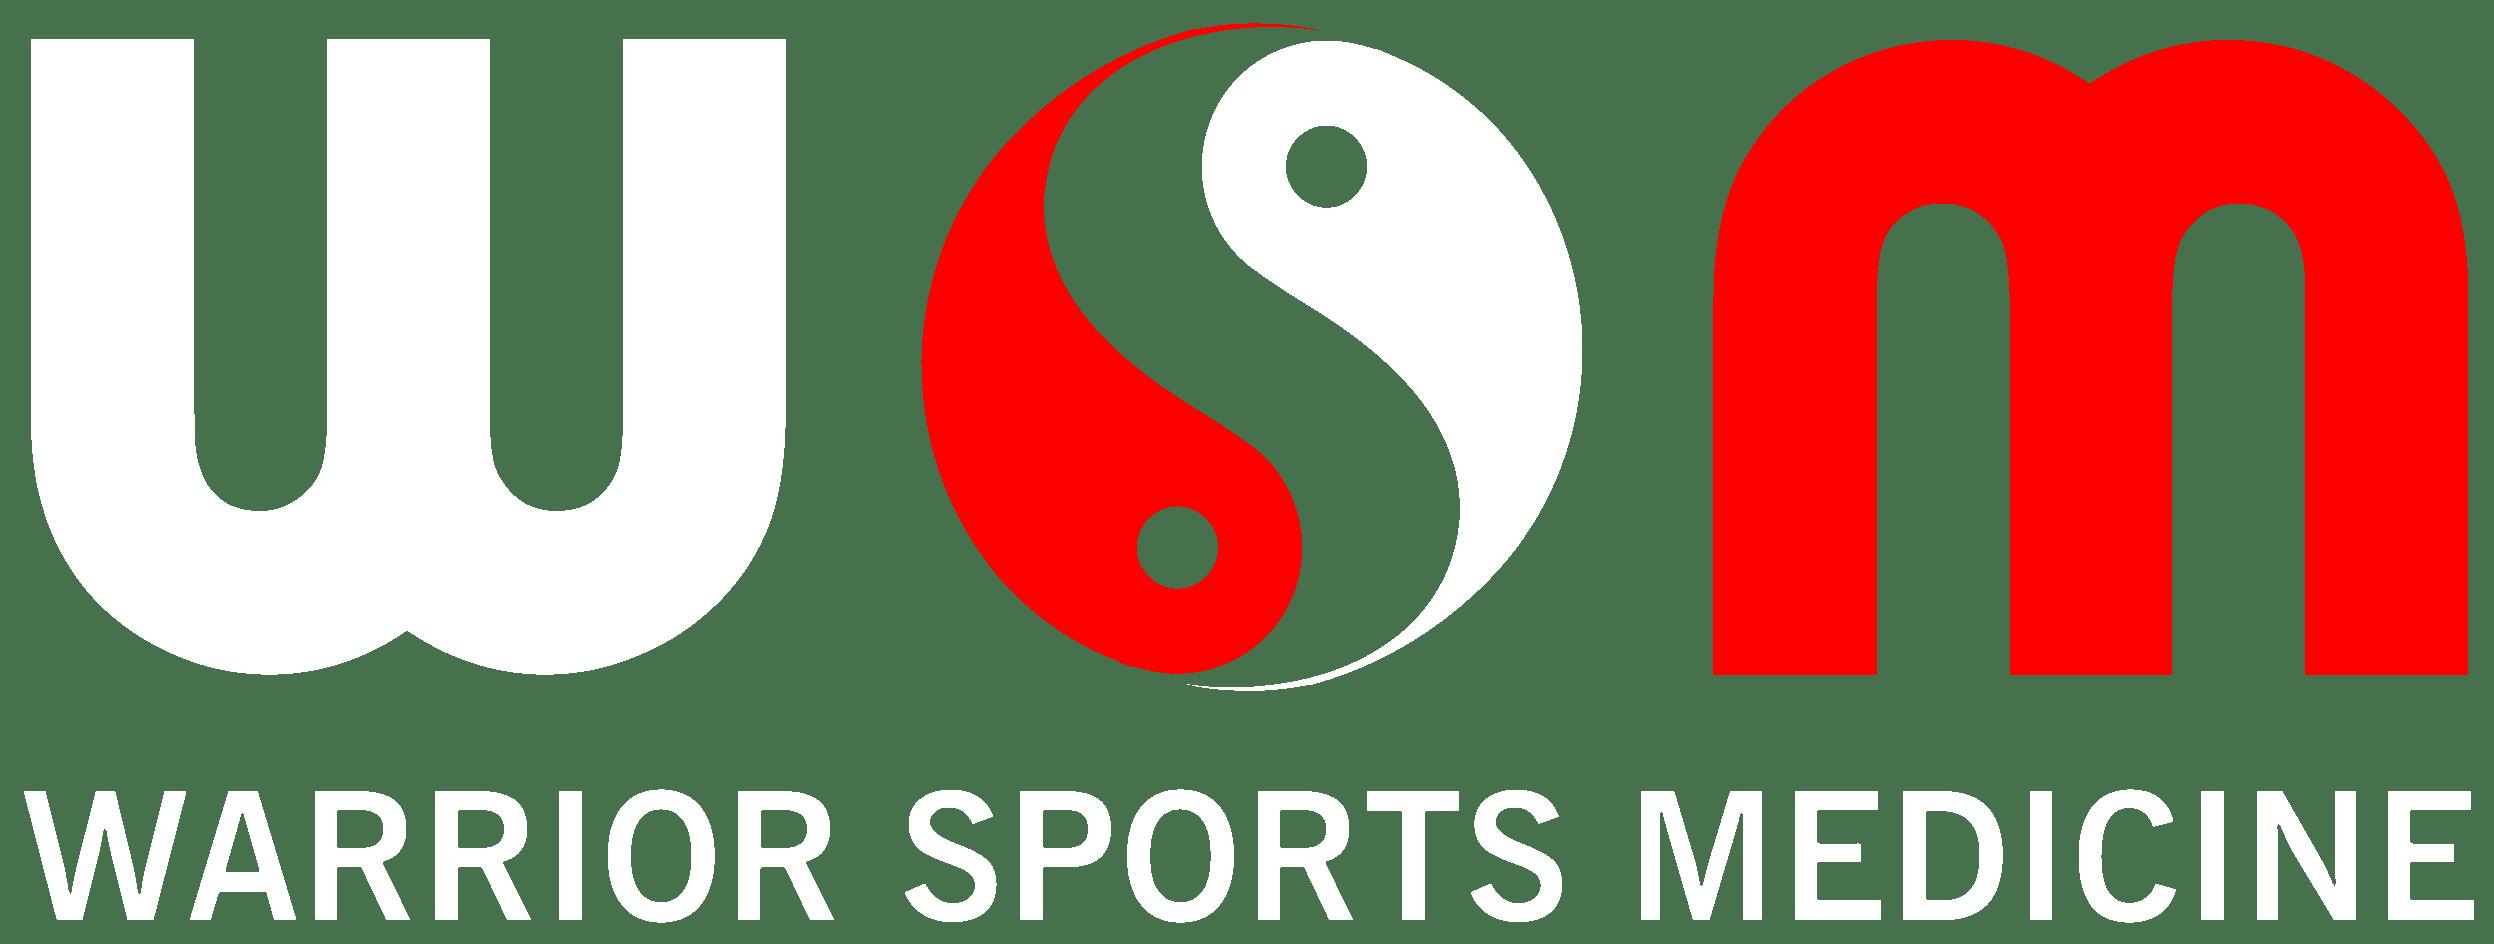 Warrior sports medicine . Hurt clipart sport injury